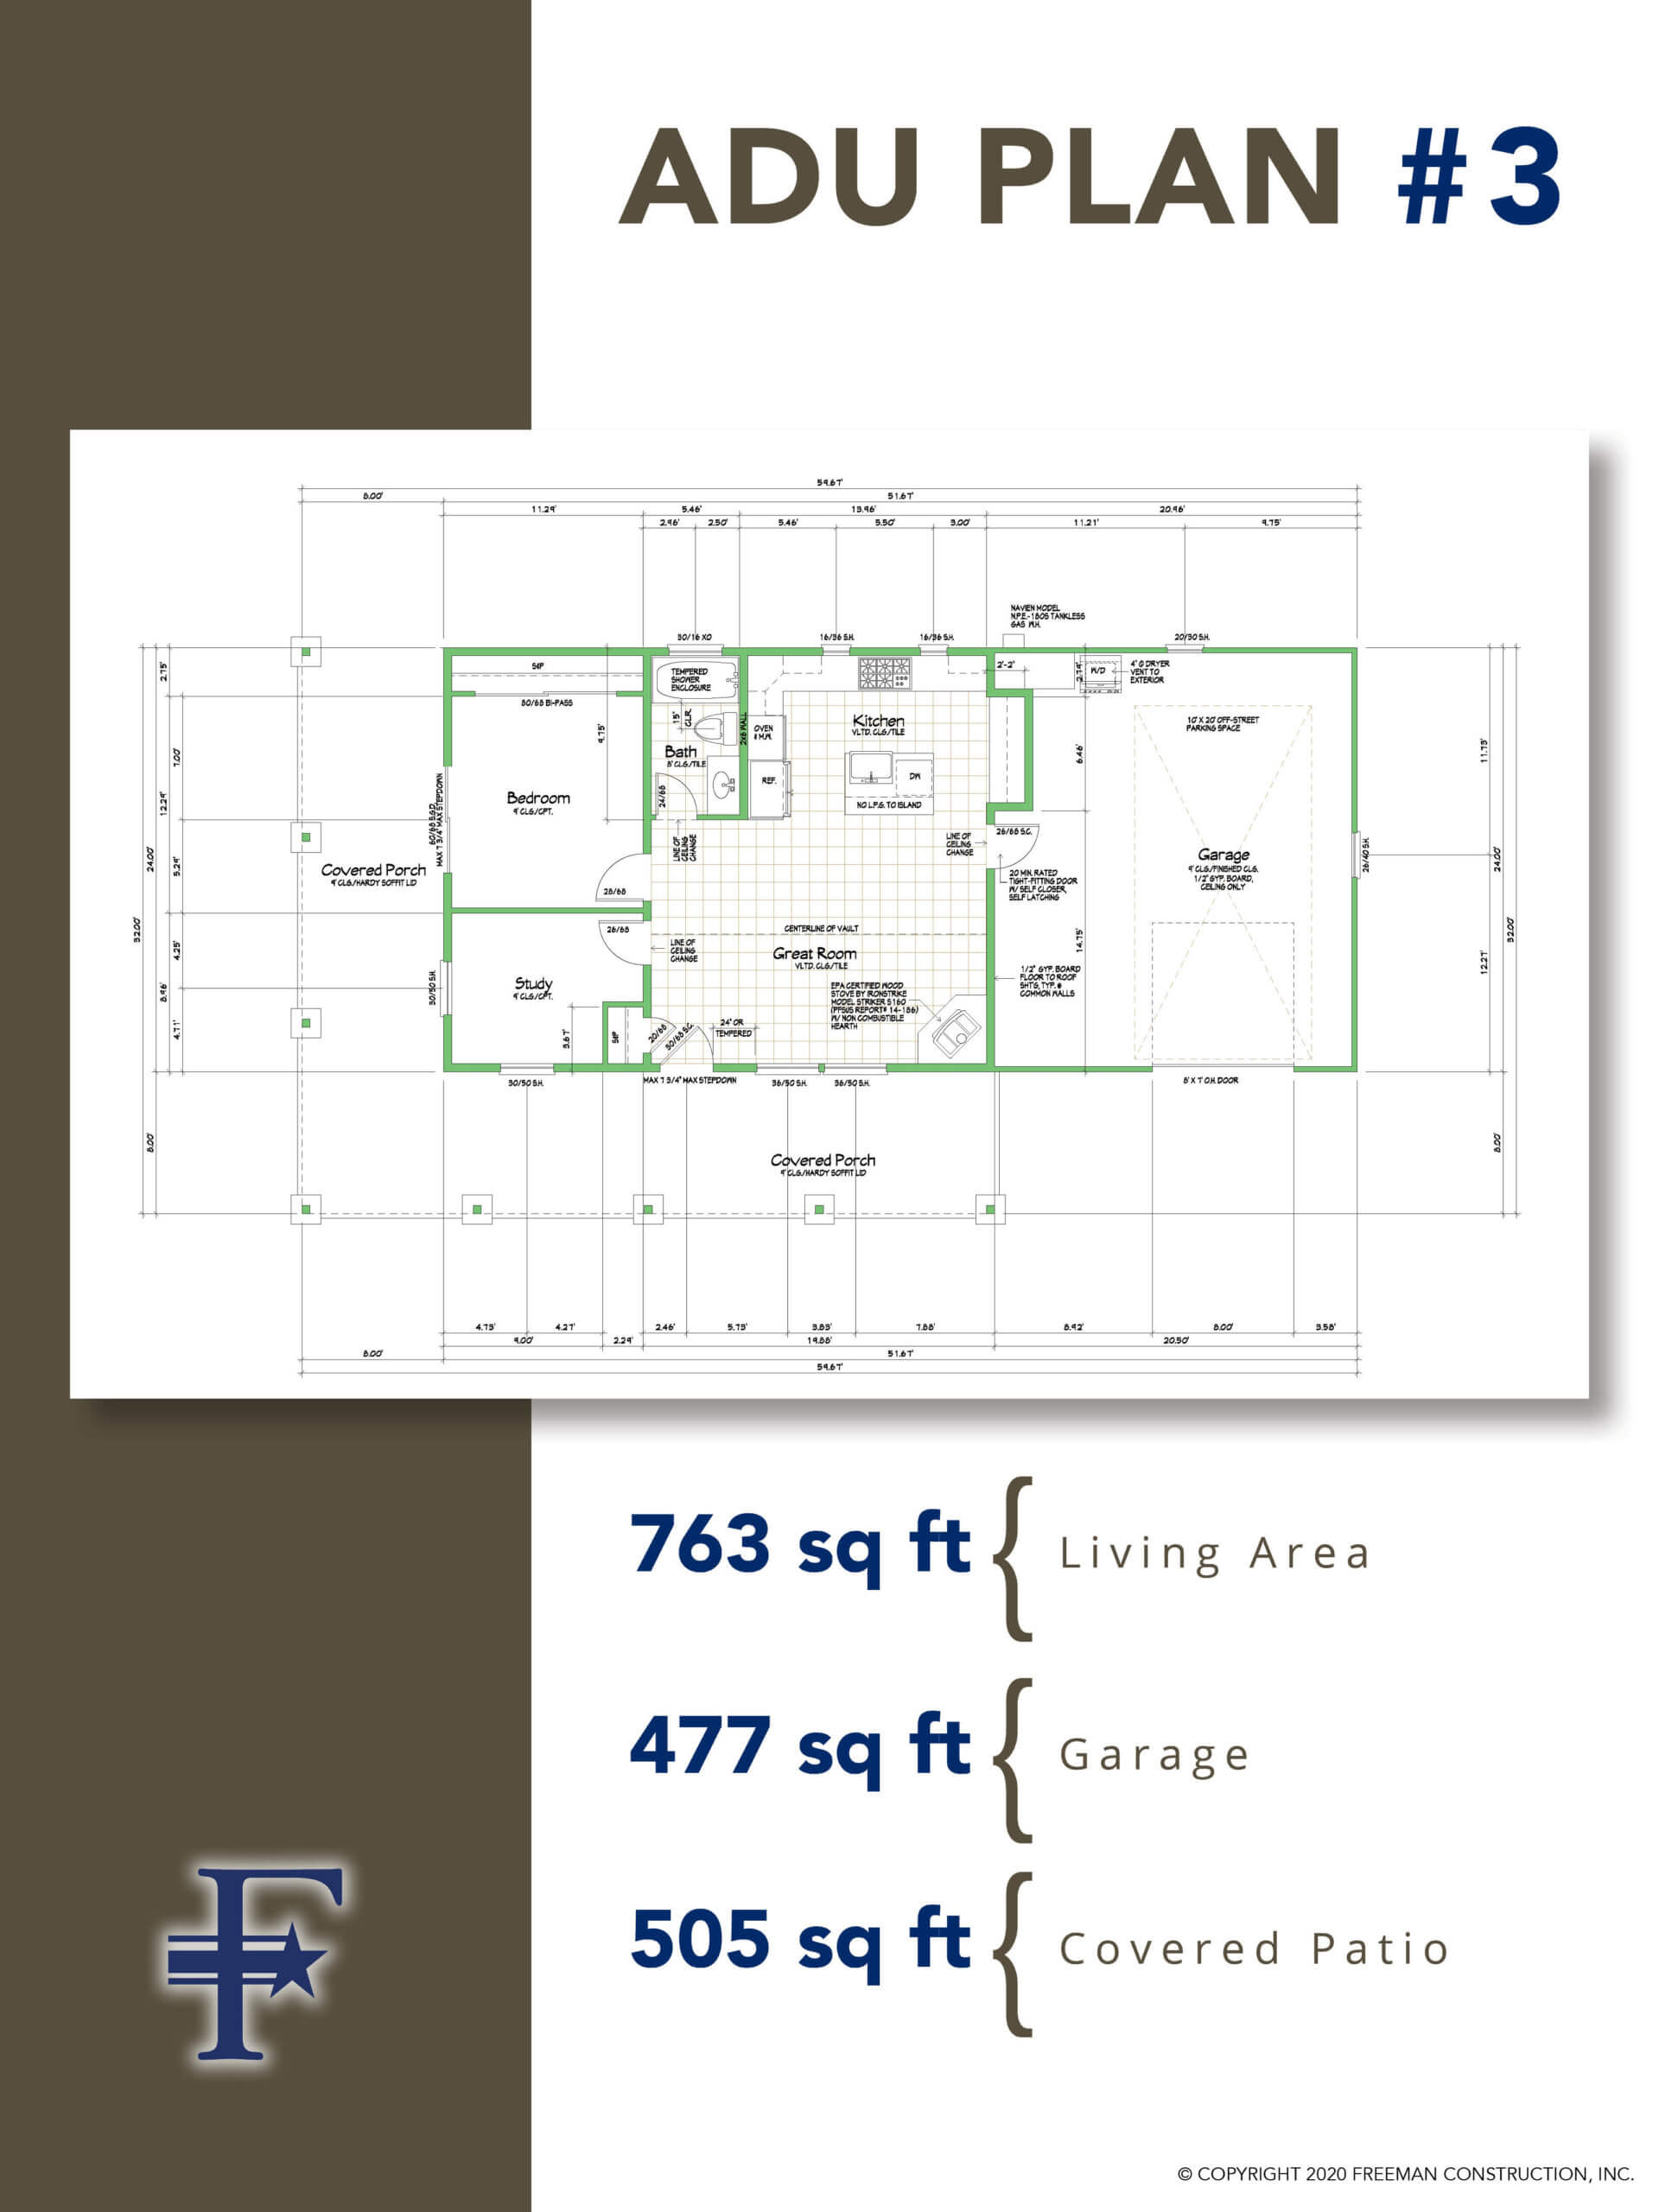 plan#3-adu-floor-plans